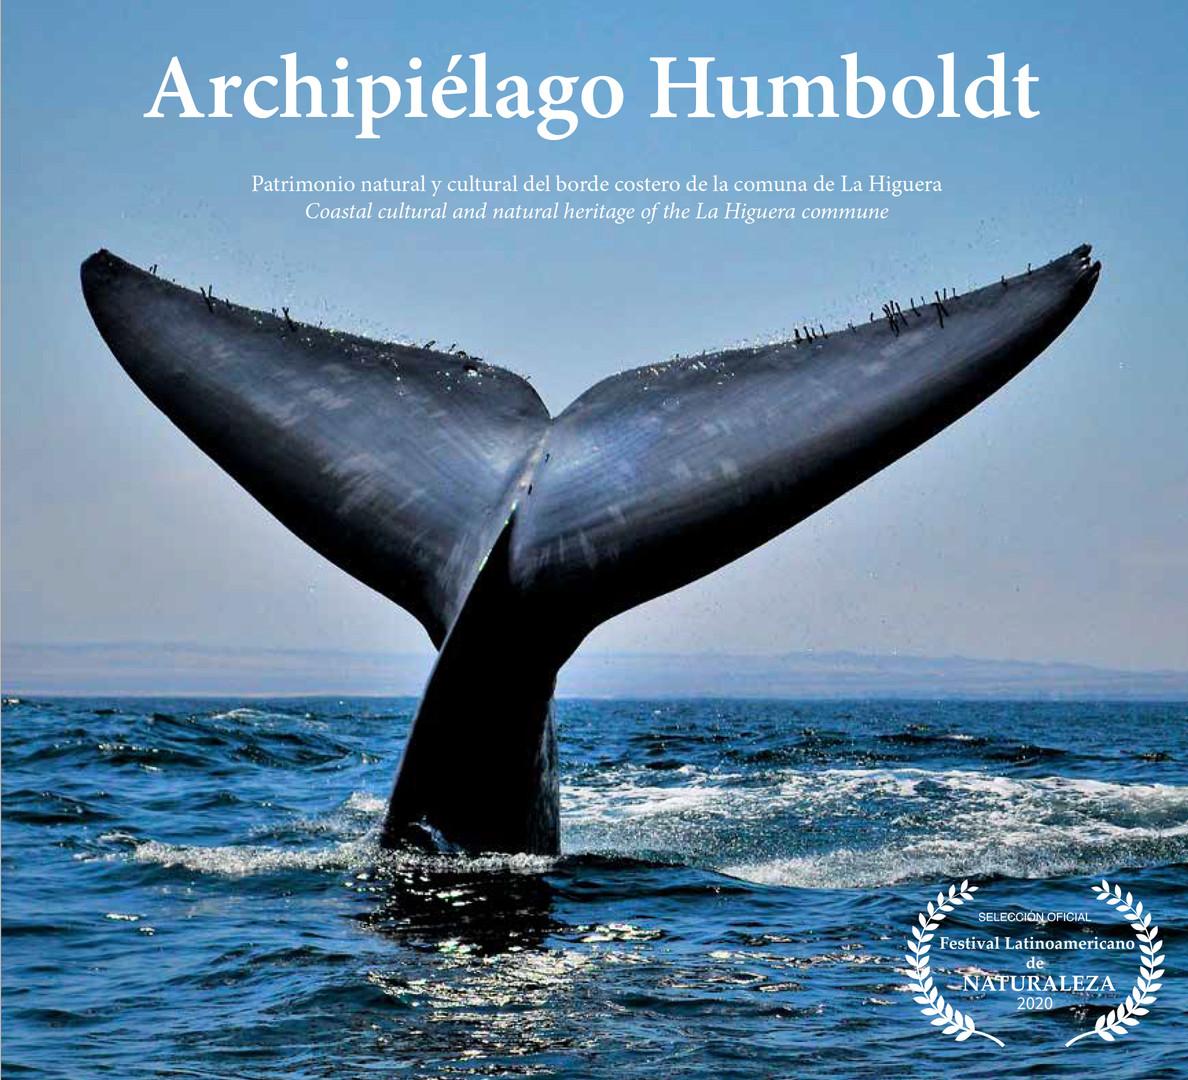 Archipiélago de Humboldt